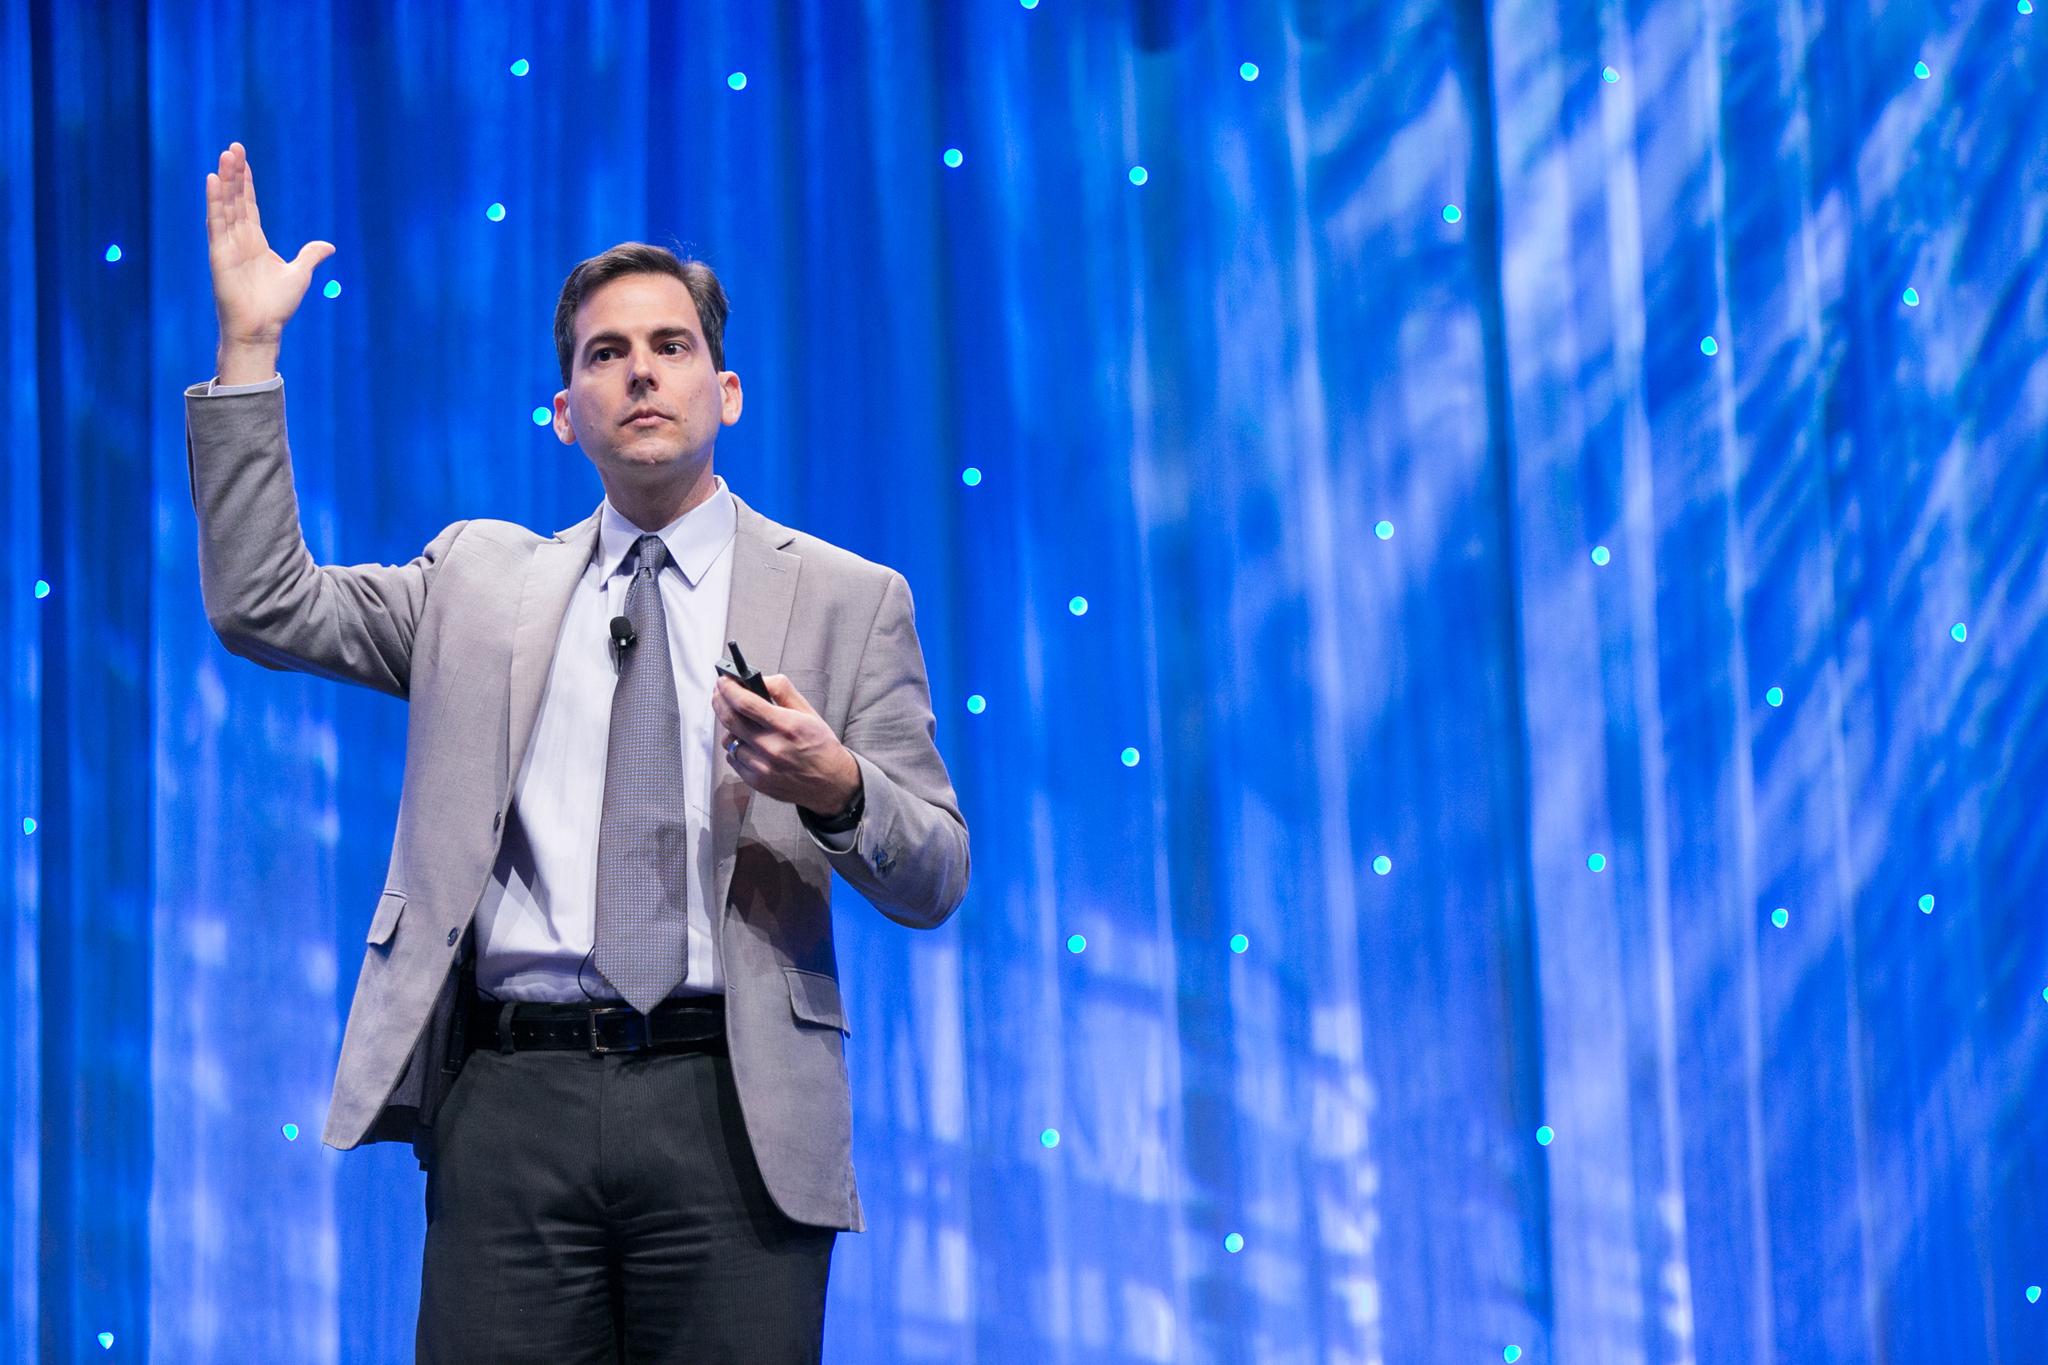 Growth Mindset Speakers Virtual Event Ideas